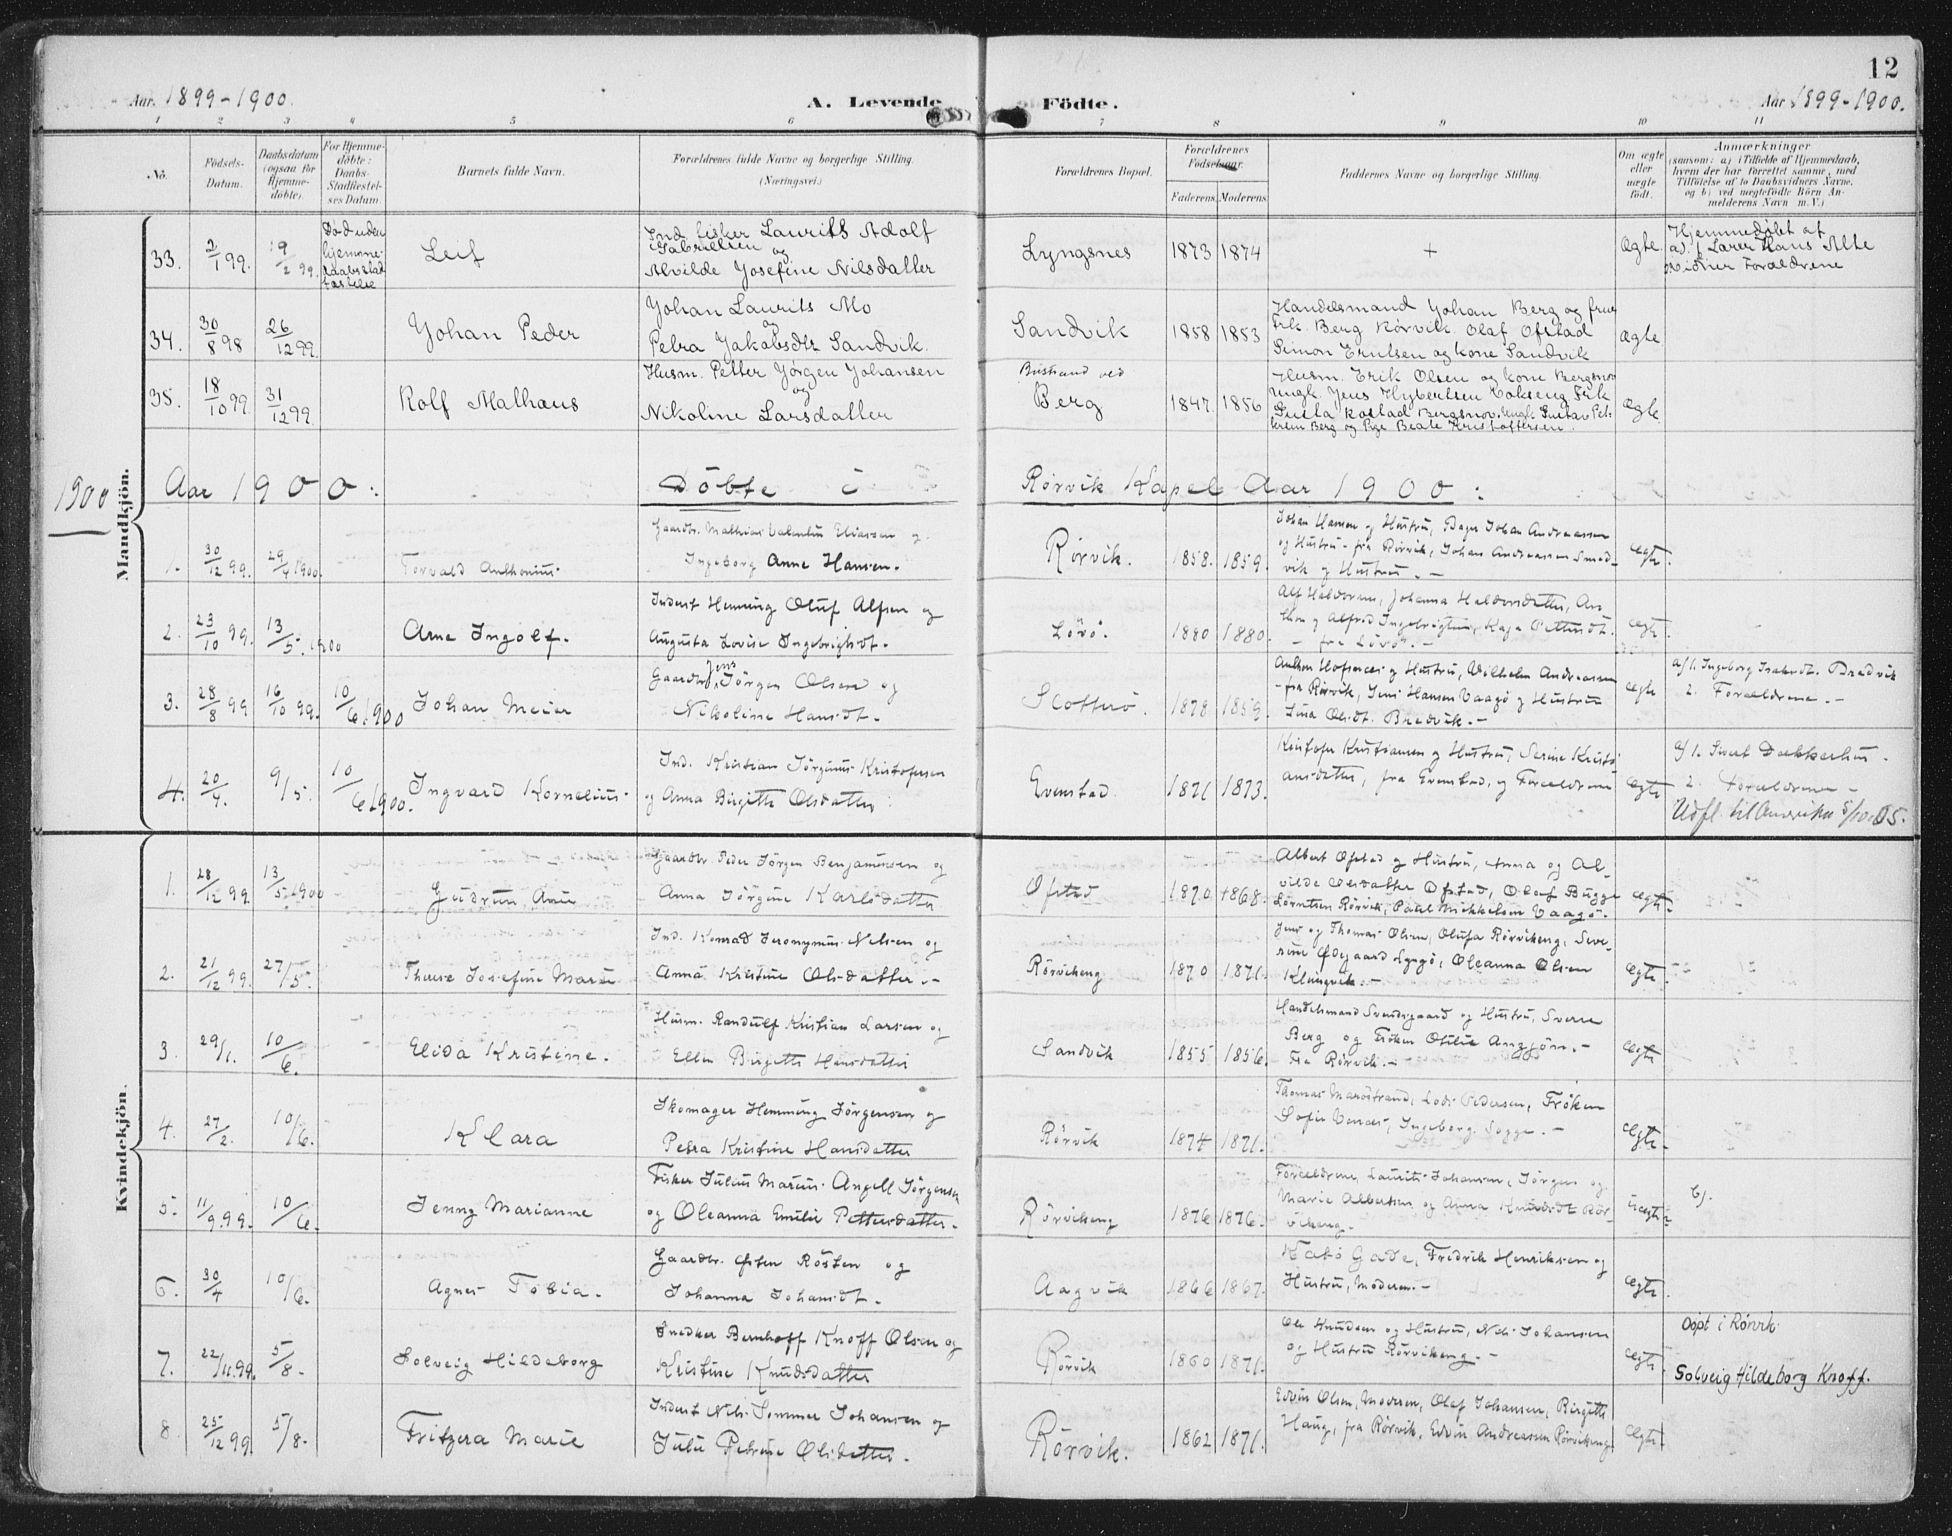 SAT, Ministerialprotokoller, klokkerbøker og fødselsregistre - Nord-Trøndelag, 786/L0688: Ministerialbok nr. 786A04, 1899-1912, s. 12